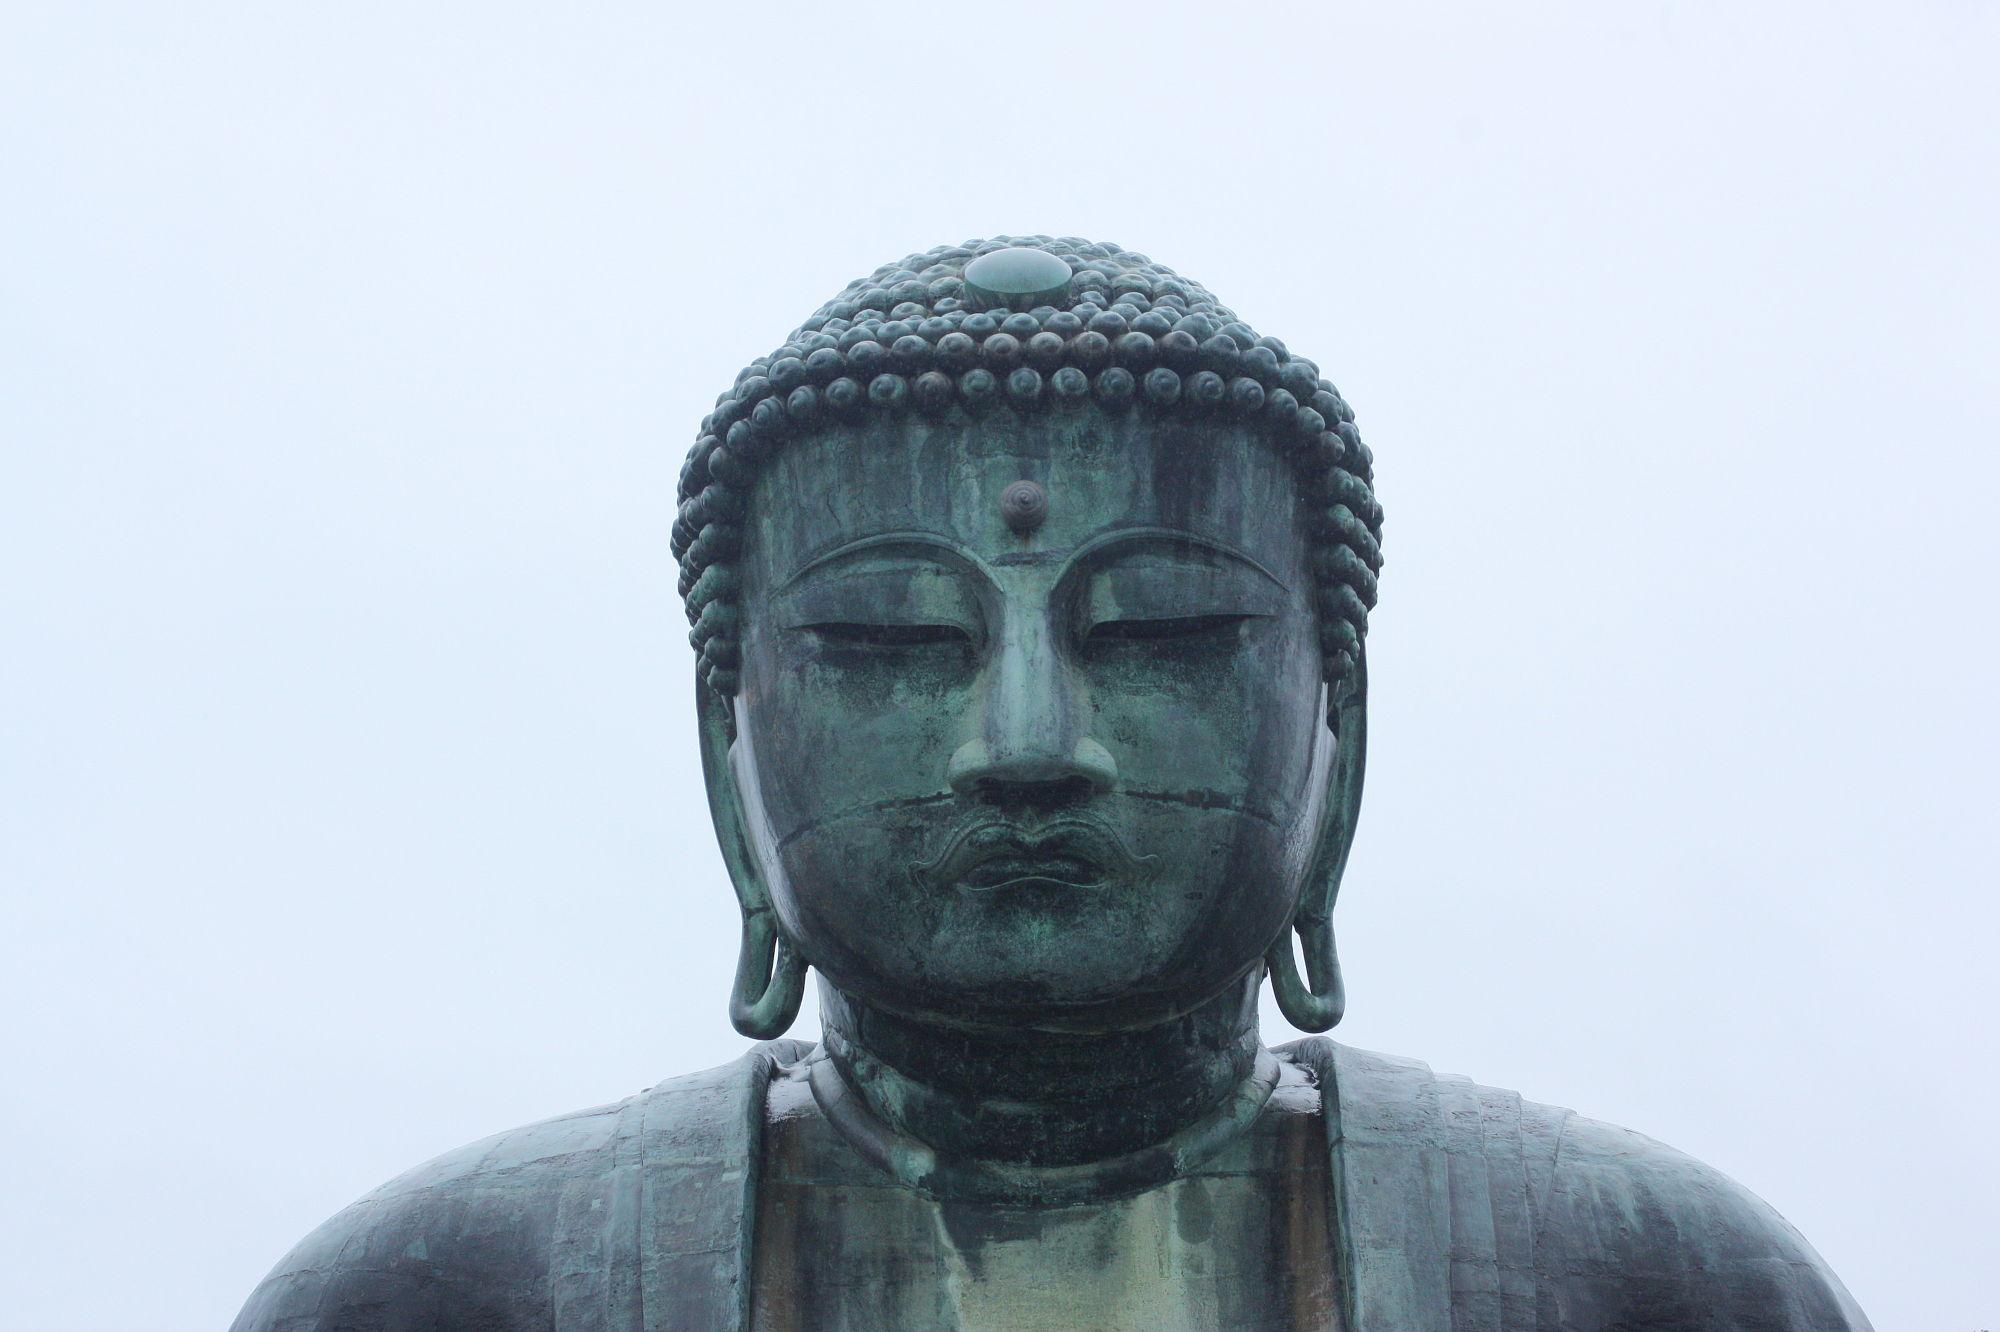 高徳院「鎌倉の大仏」のアップ